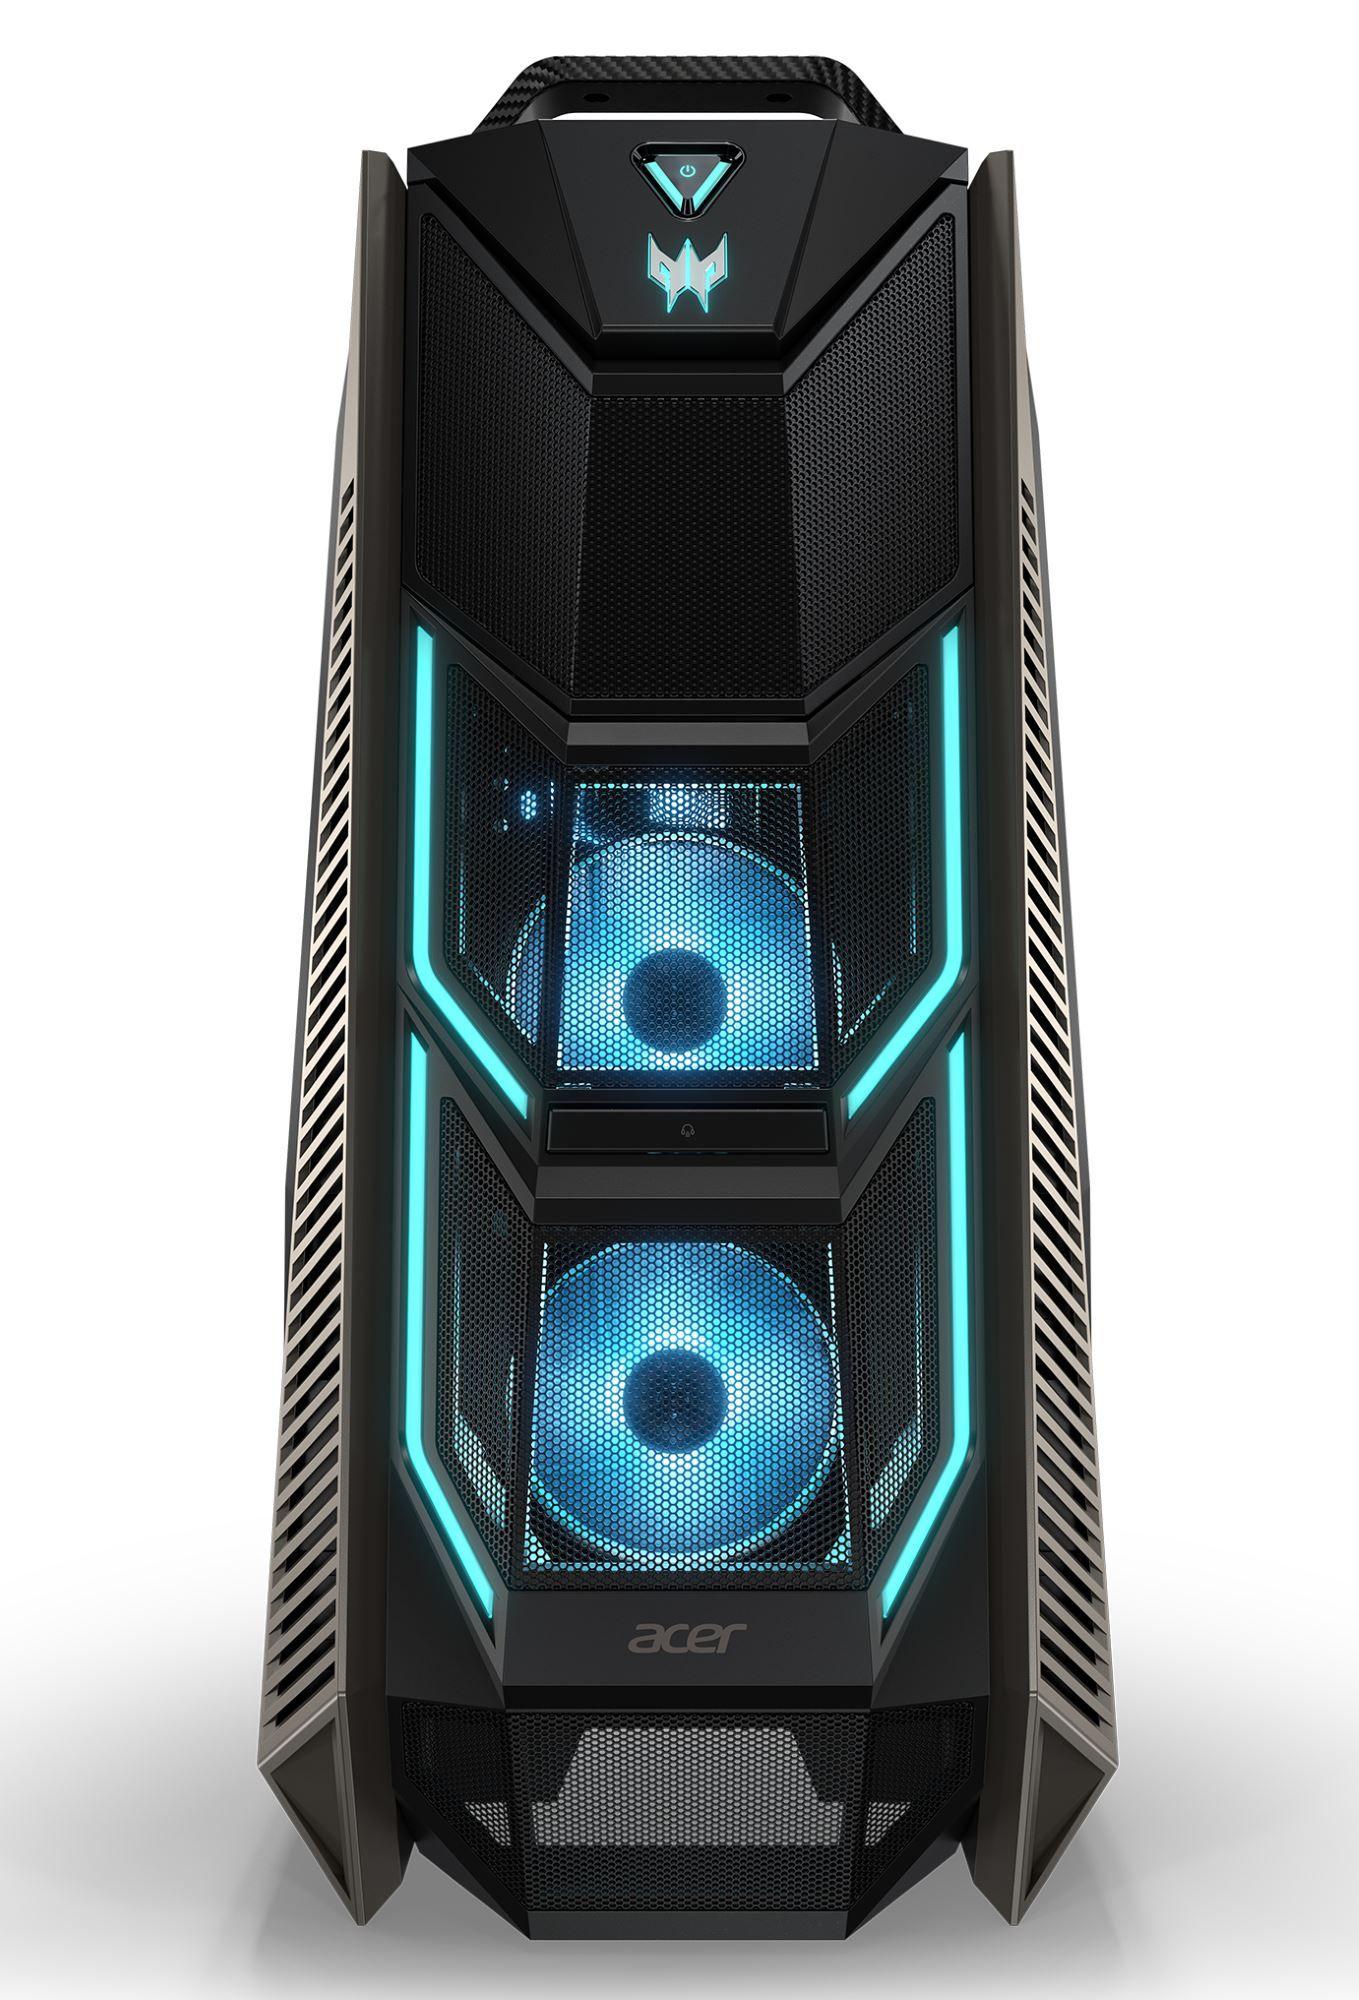 Pin on Acer Predator Gaming Desktops